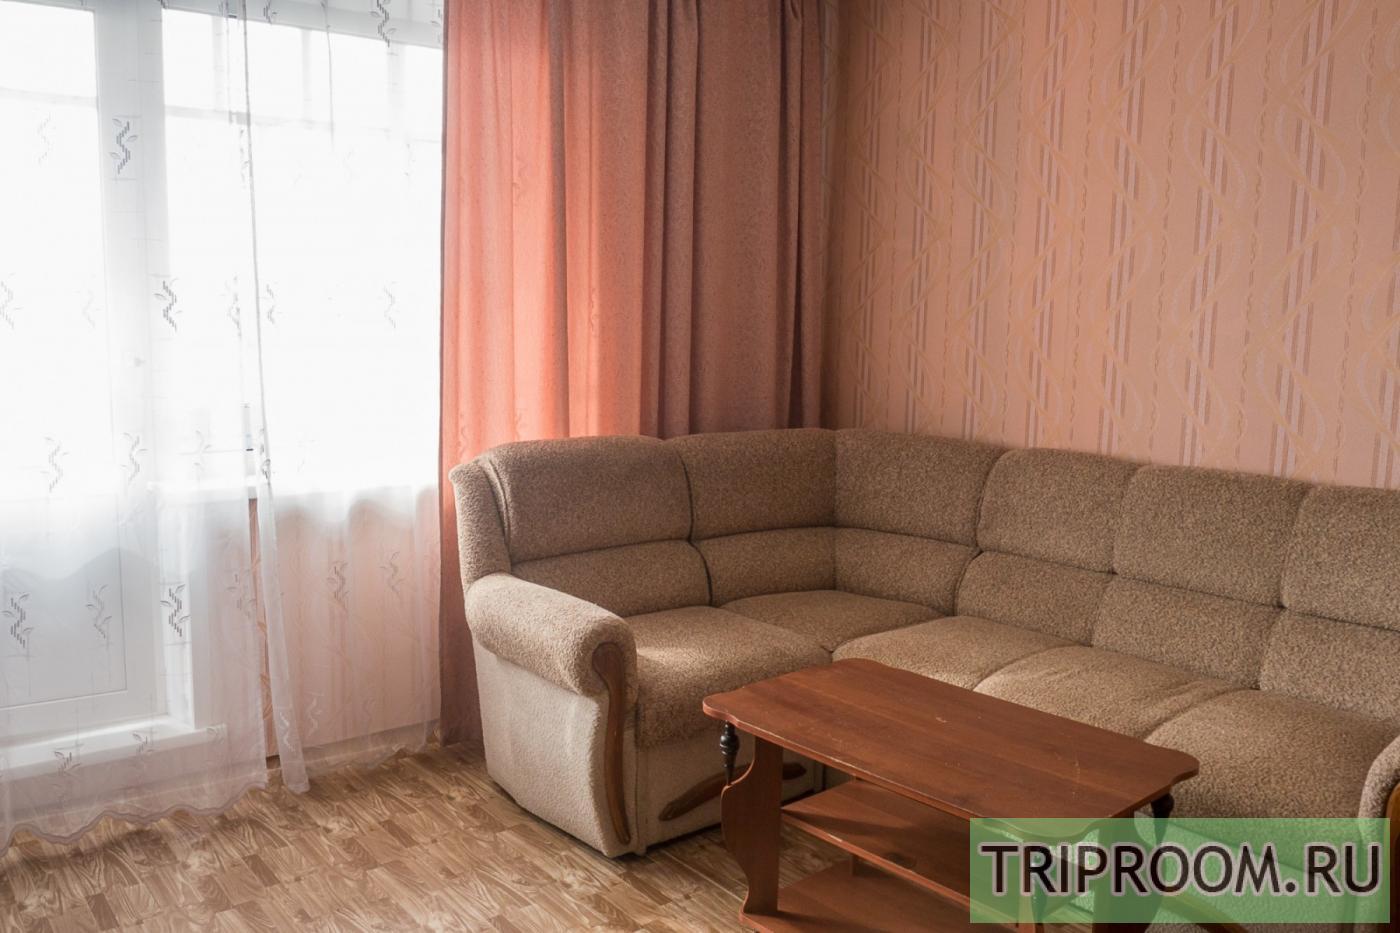 1-комнатная квартира посуточно (вариант № 35008), ул. Побежимова улица, фото № 7